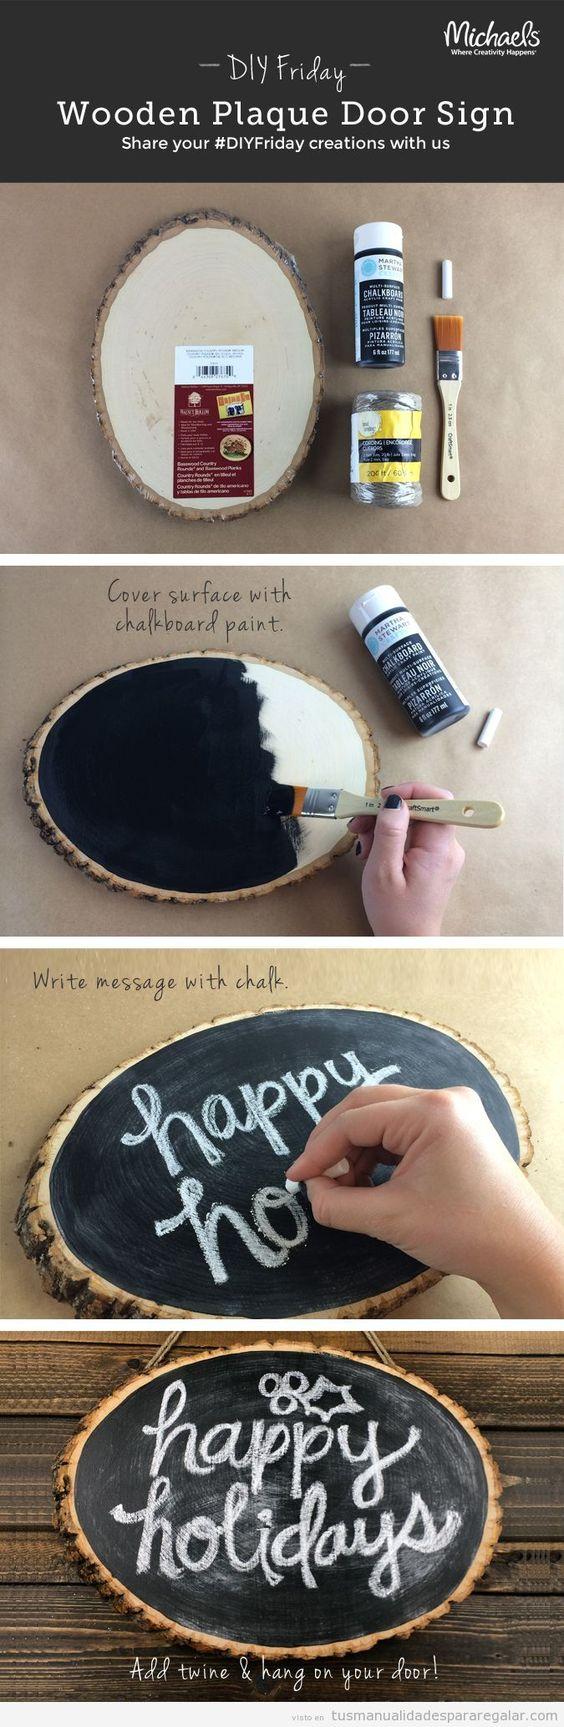 Cómo hacer cartel de madera y pizarra para una puerta DIY | Manualidades para regalar